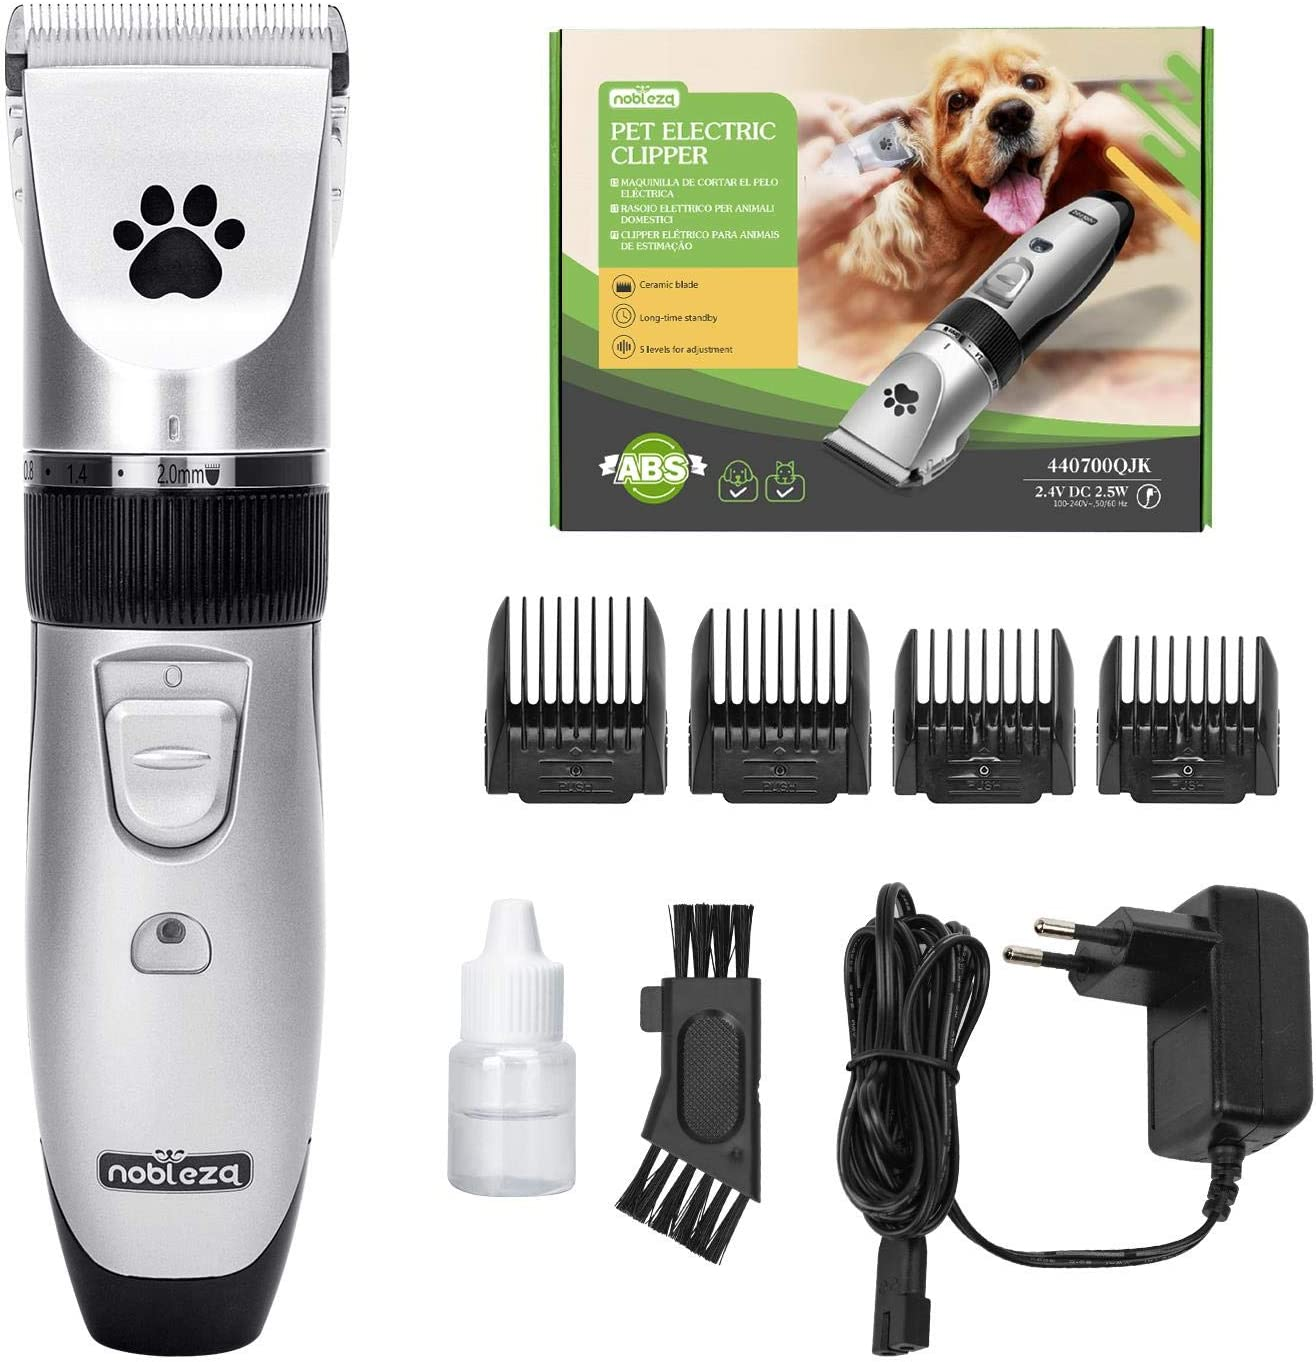 Nobleza Cortapelos para Perros Profecional Mascotas Set Mquina Cortar Pelo Sin Cable y Recargable para Mascotas Pequeas Medianas y Grande: Amazon.es: Productos para mascotas